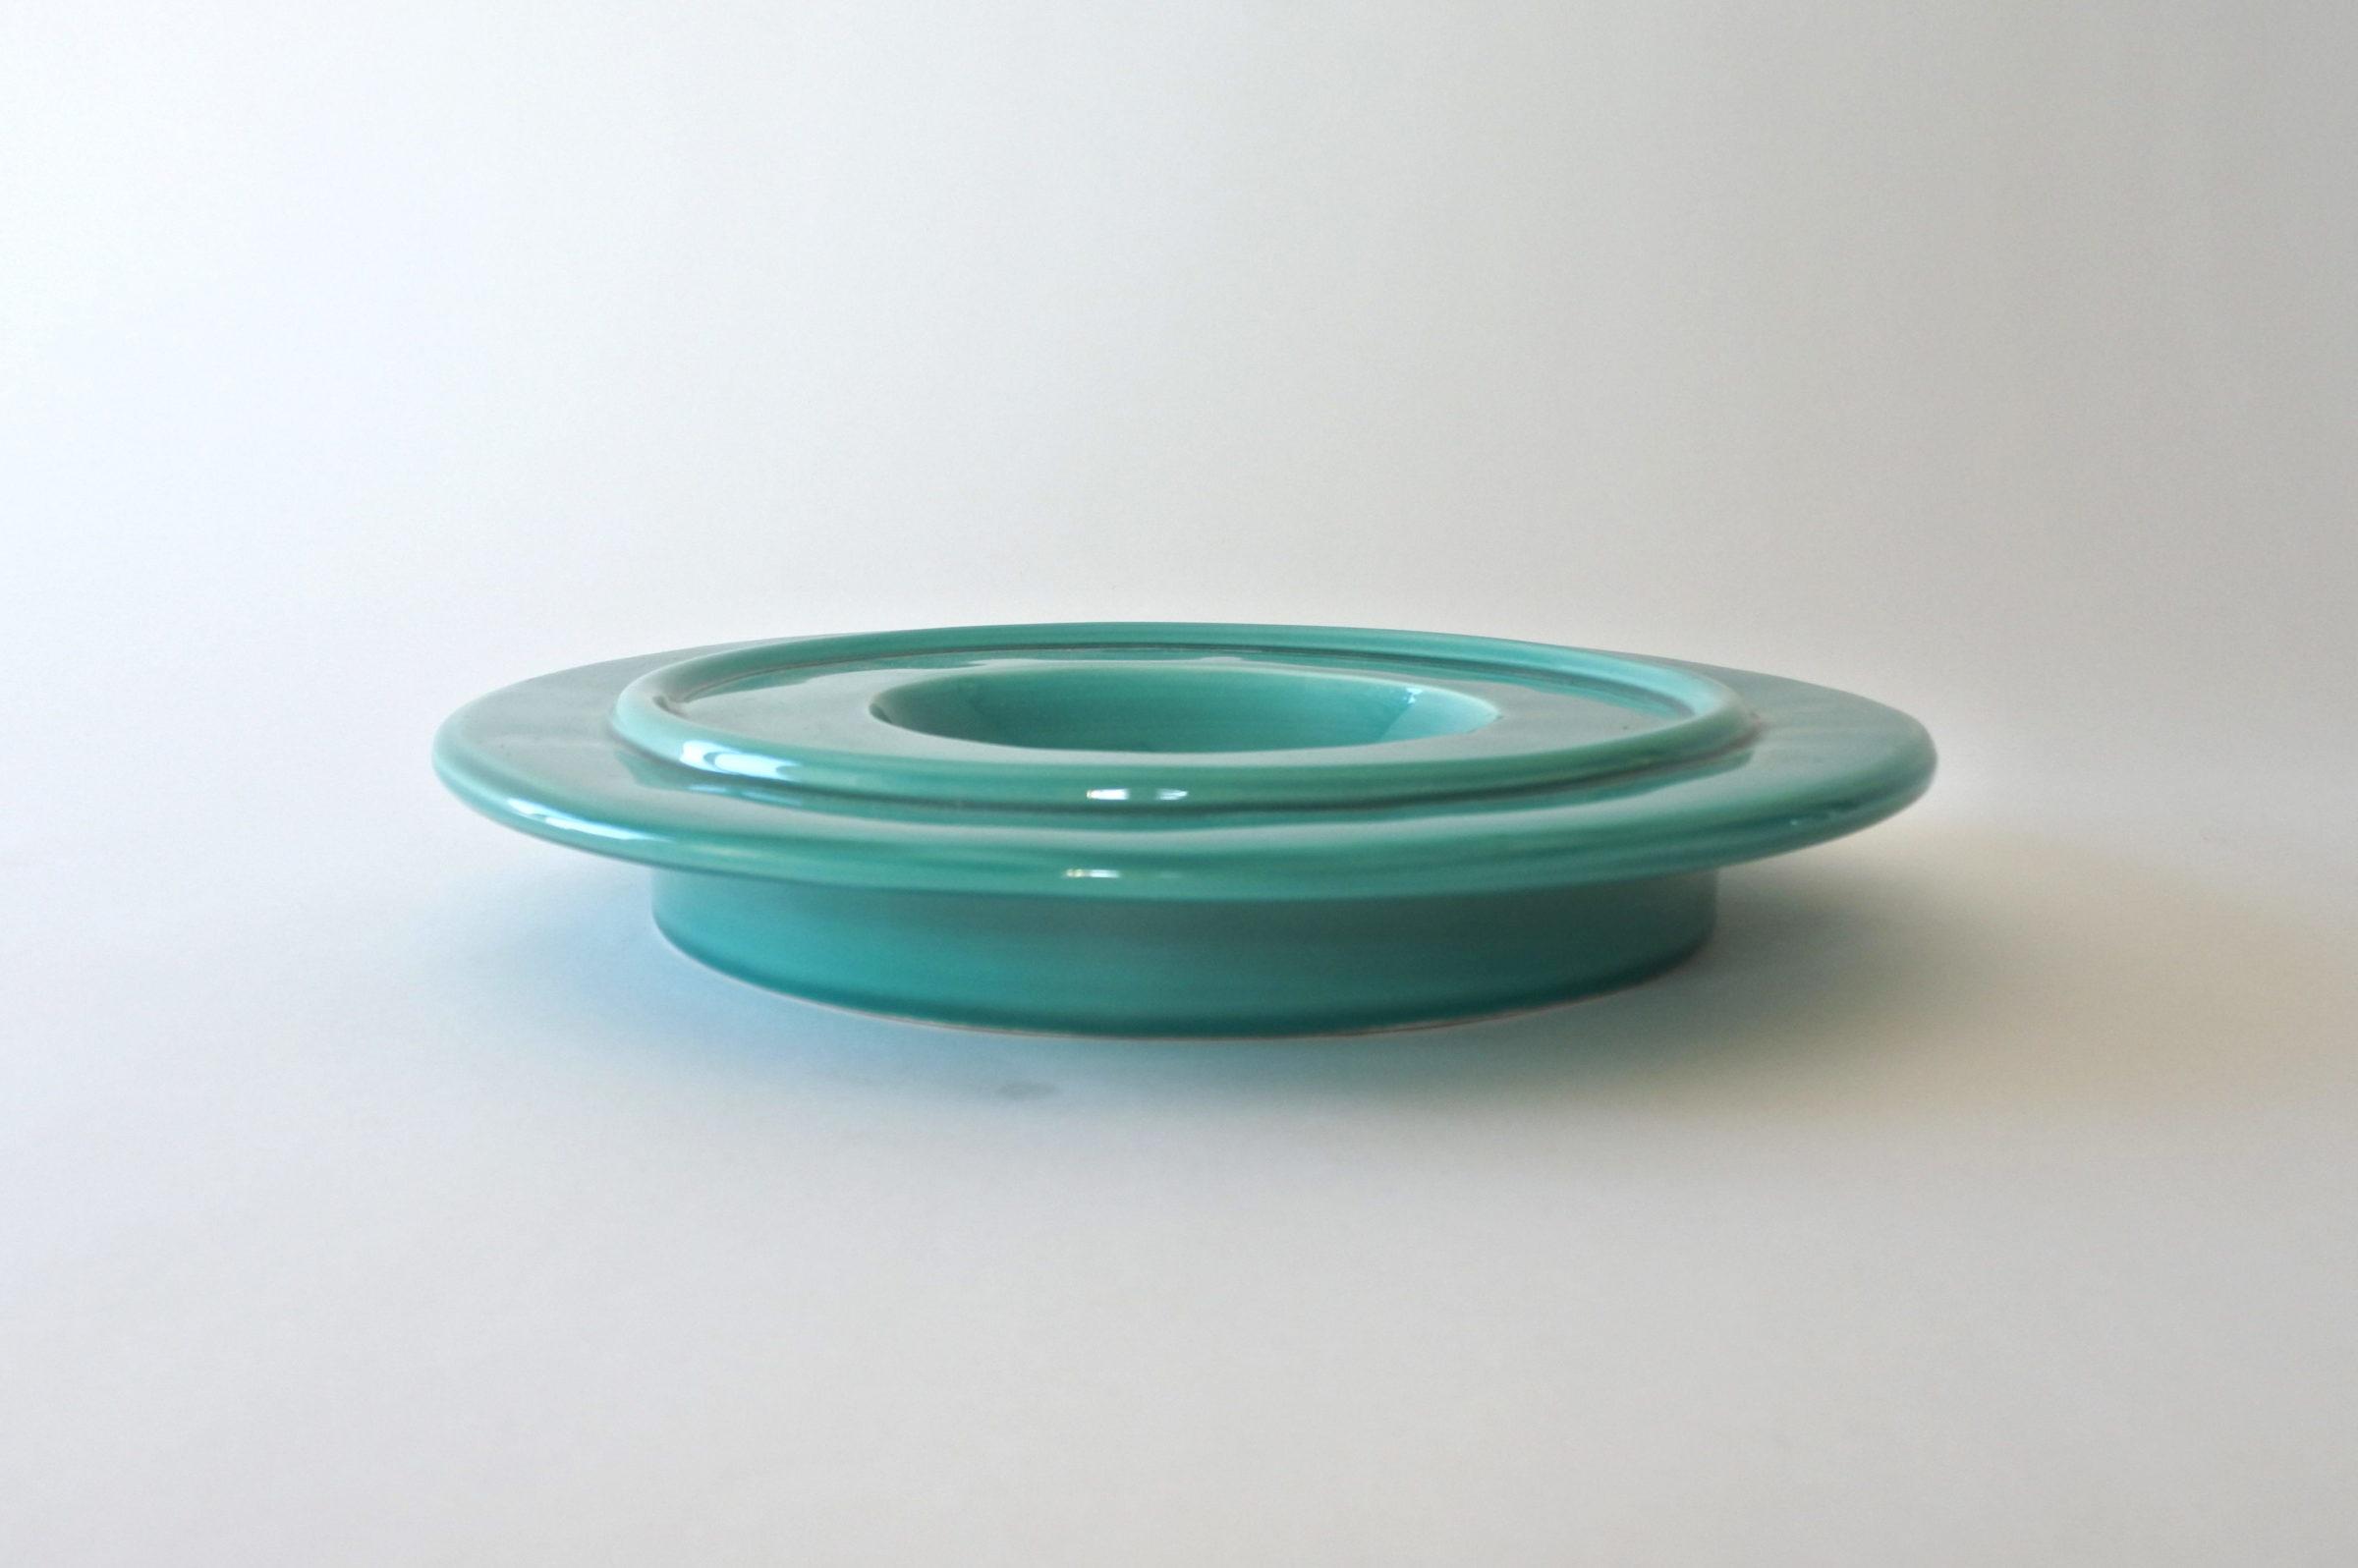 Centro tavola in ceramica - Ettore Sottsass per ceramiche Bitossi - 2